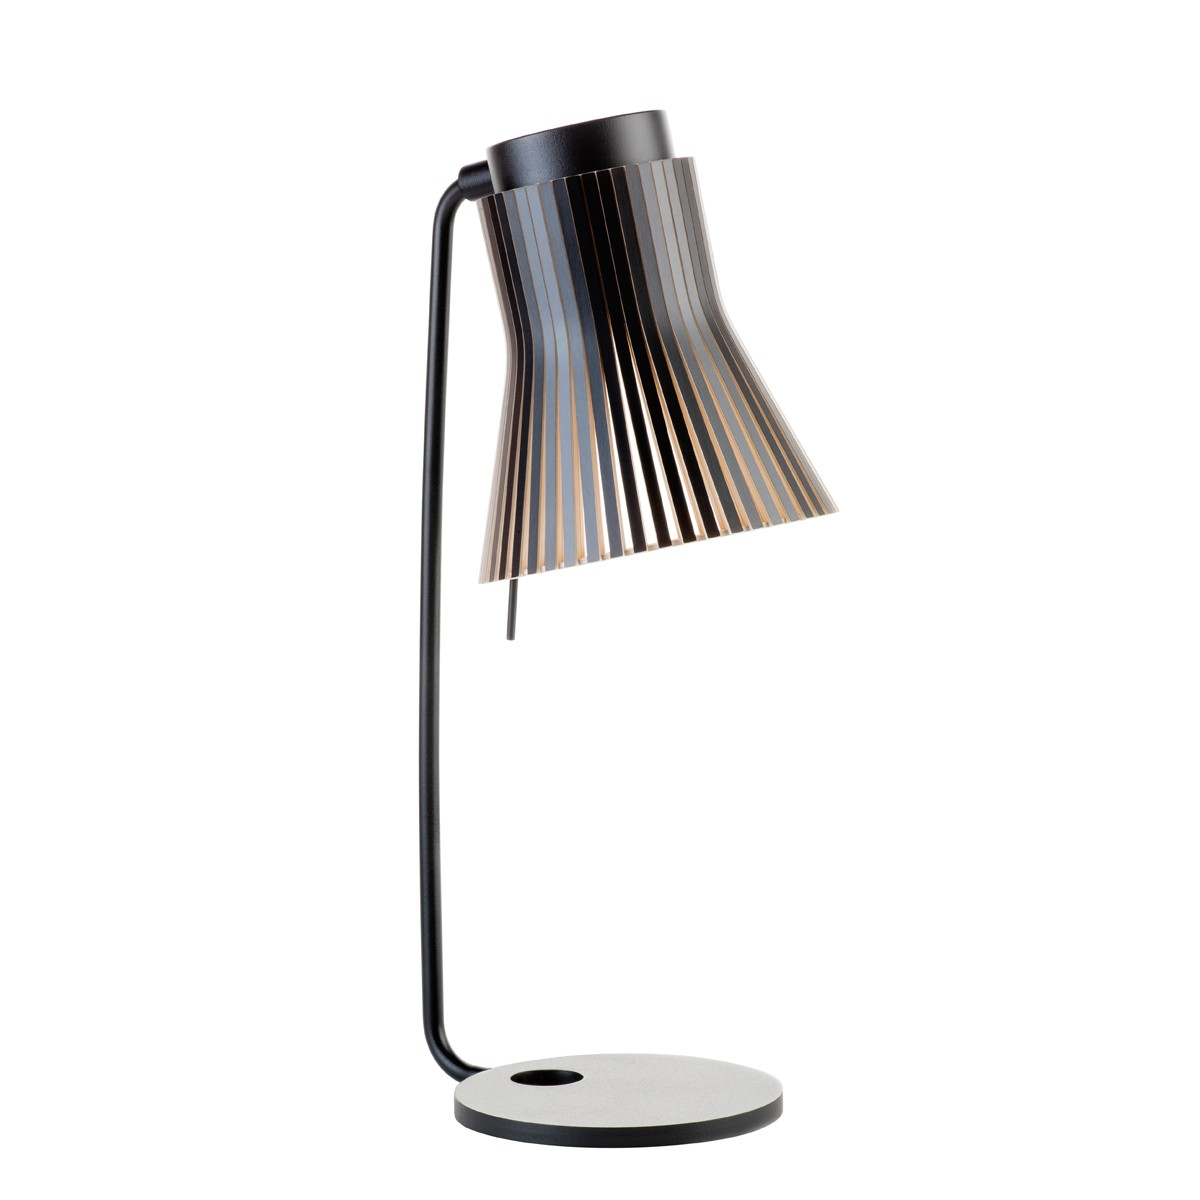 Secto Design Petite 4620 Tischleuchte, schwarz, Schirm: schwarz laminiert